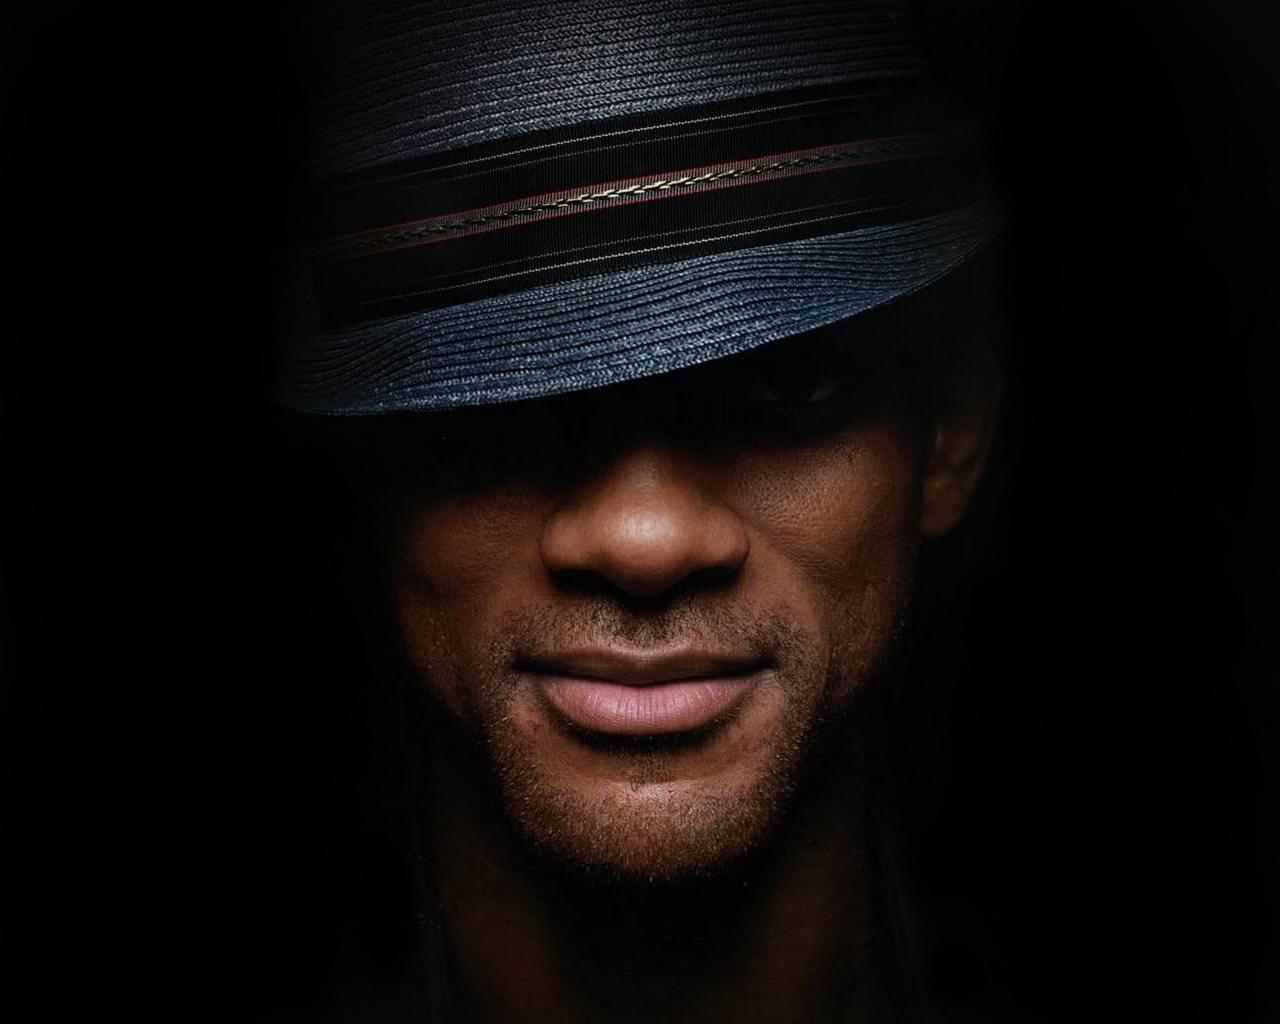 парень в шляпе фото